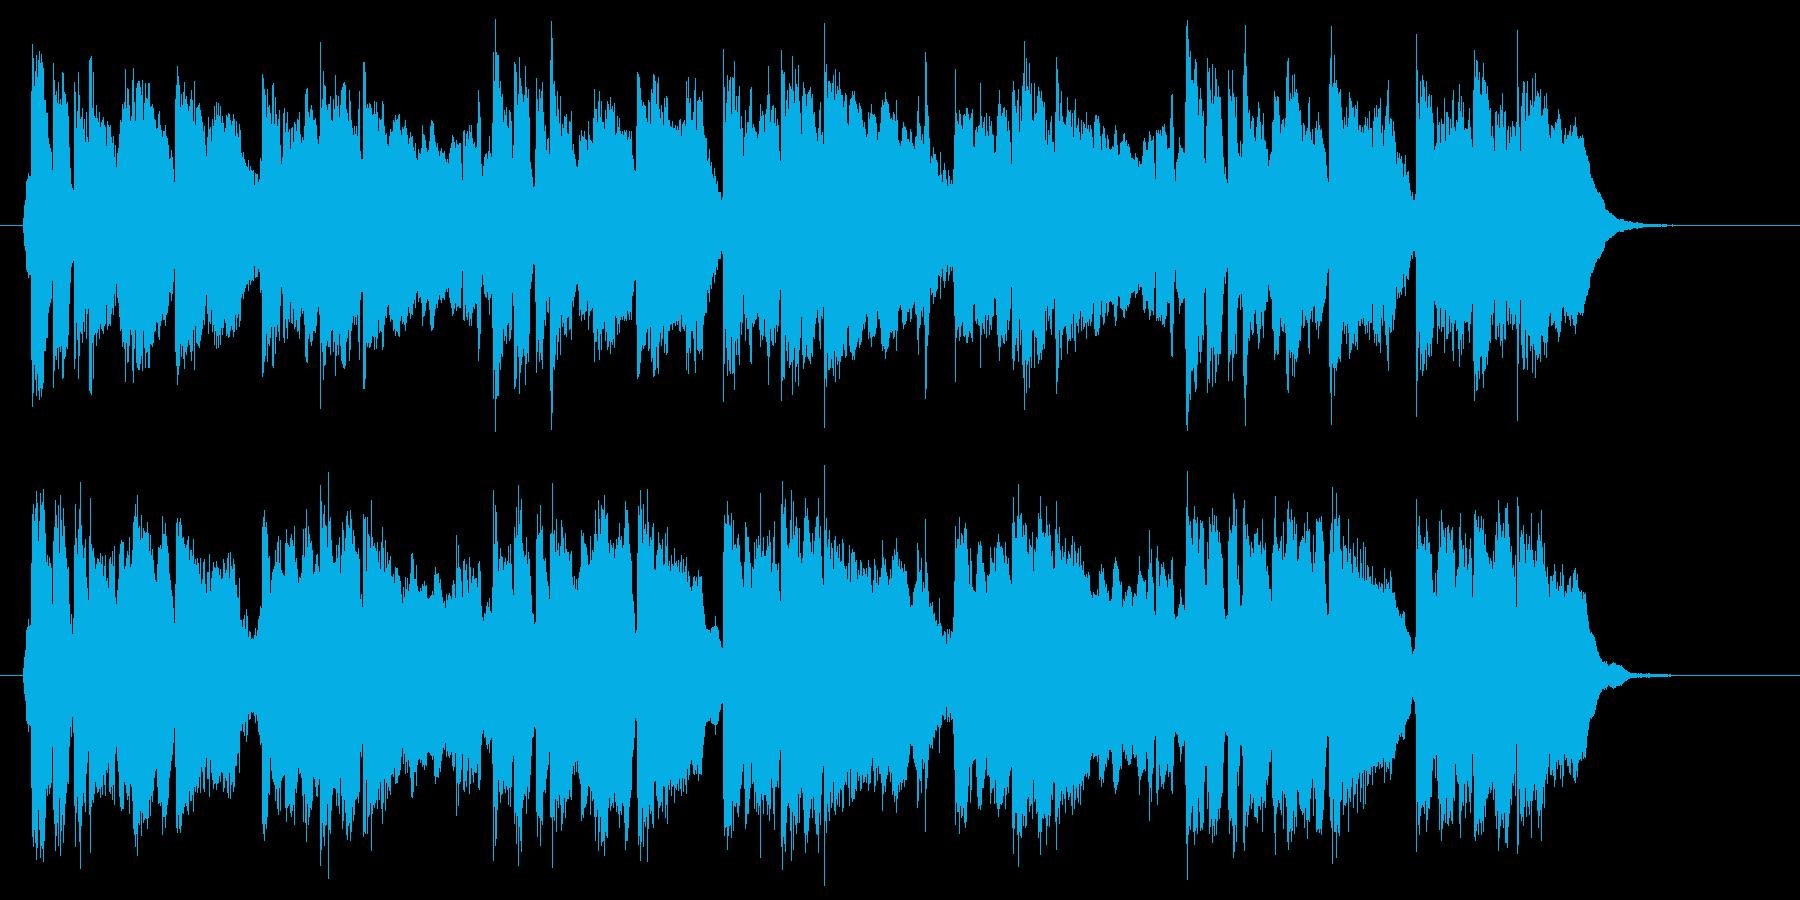 軽快な管楽器が特徴のポップスのジングルの再生済みの波形